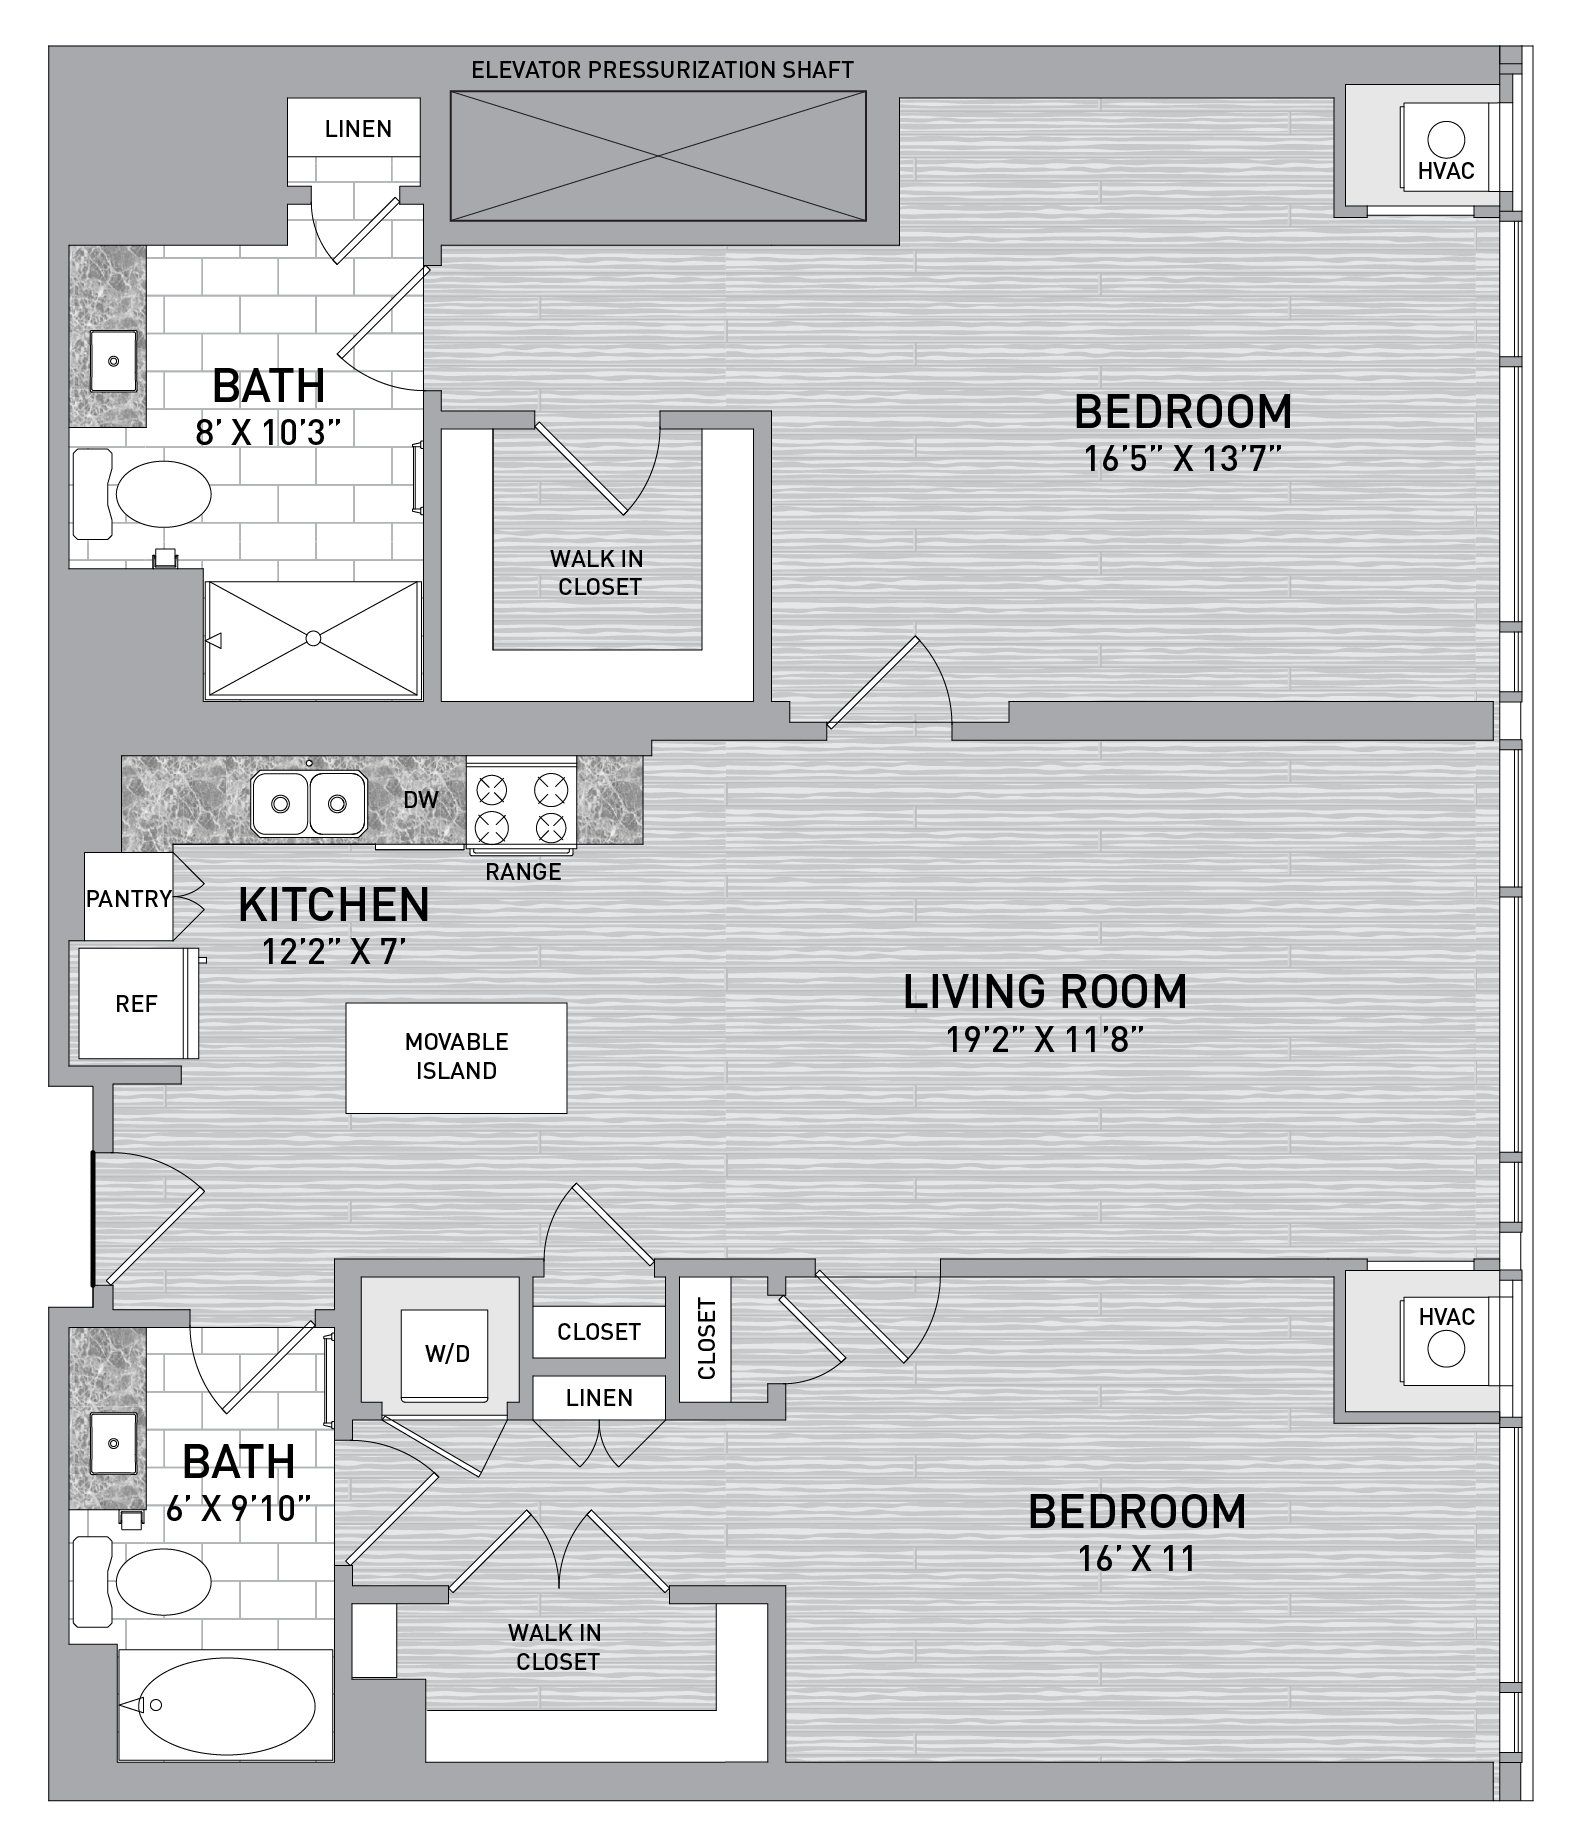 floorplan image of unit id 0505